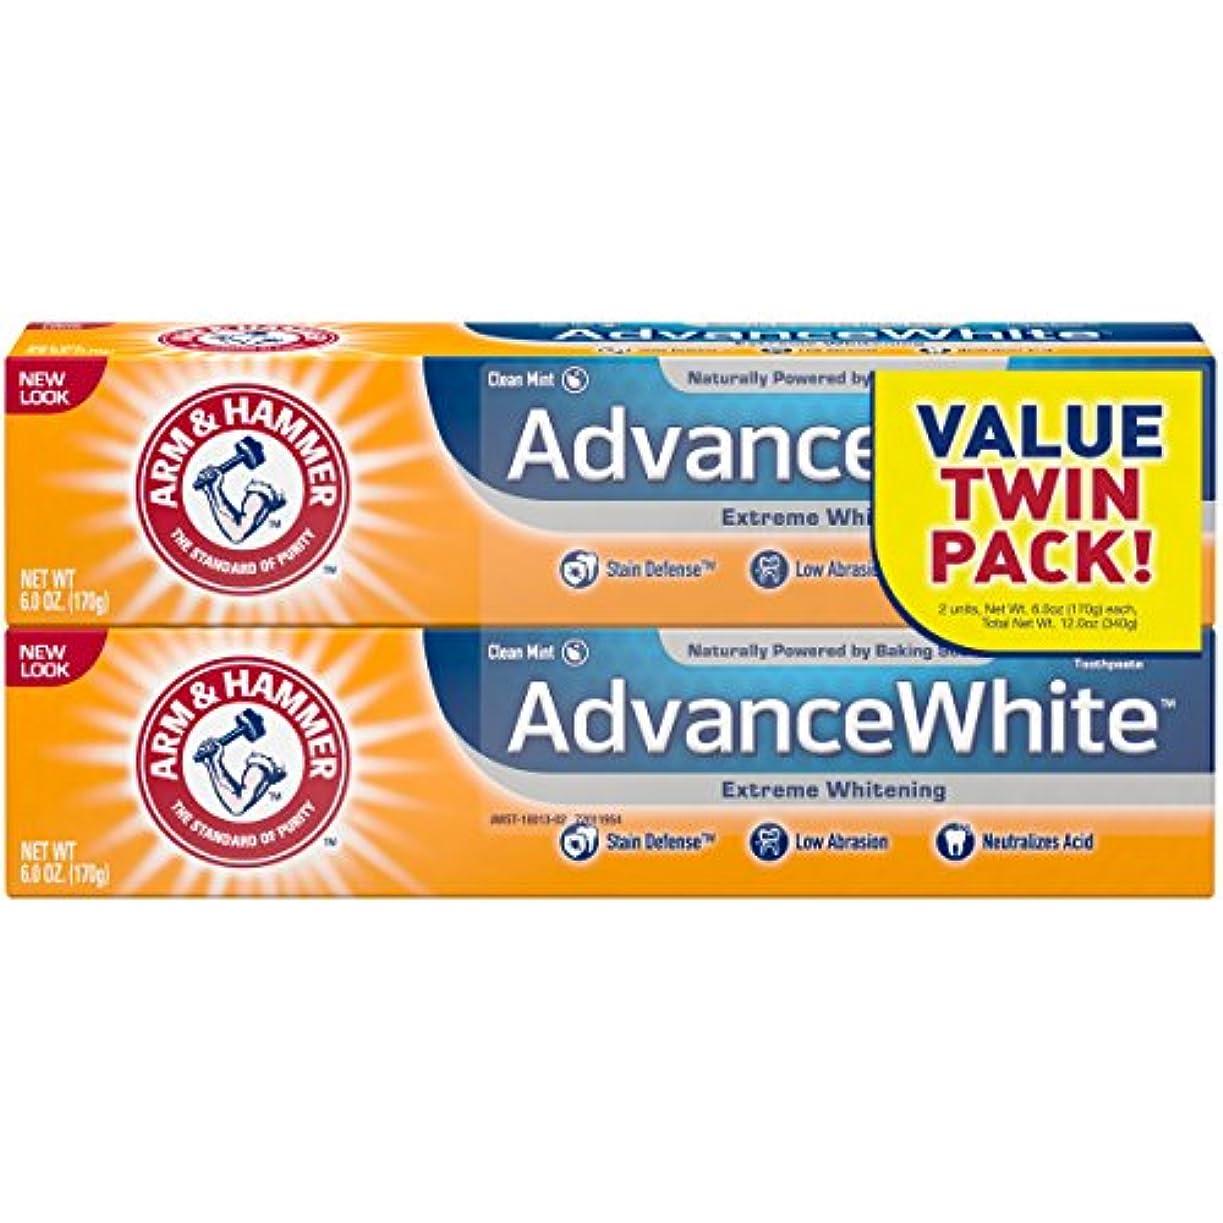 抽象化タイムリーな見えるArm & Hammer アーム&ハマー アドバンス ホワイト 歯磨き粉 2個パック Toothpaste with Baking Soda & Peroxide